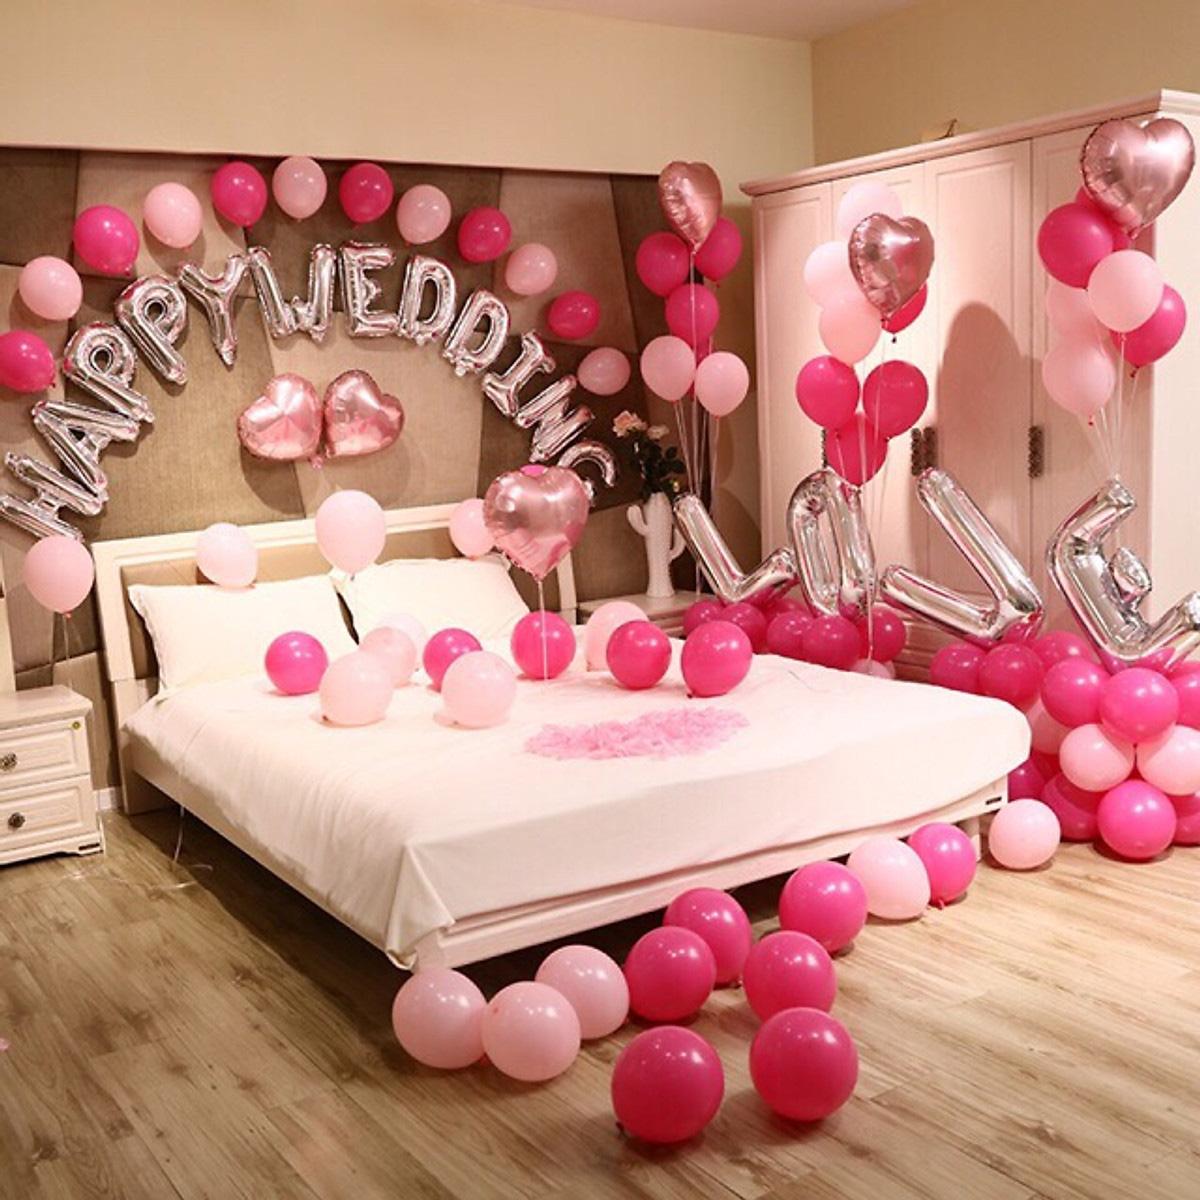 Tự tay trang trí phòng cưới lãng mạn với loạt phụ kiện giá chưa đầy 500.000 đồng - Ảnh 1.